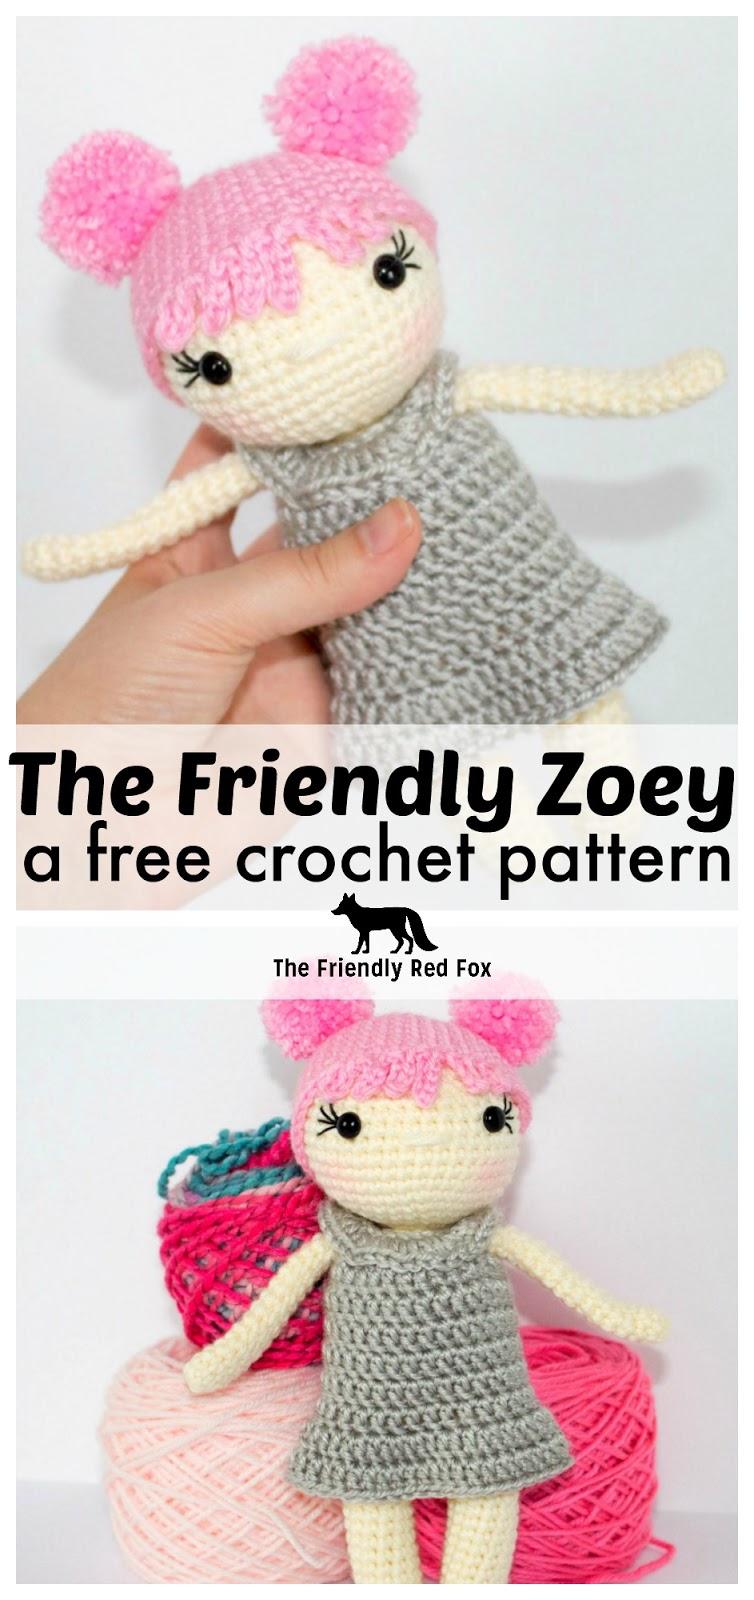 Delightful Dollies: 15 Free Crochet Doll Patterns! - moogly | 1600x754